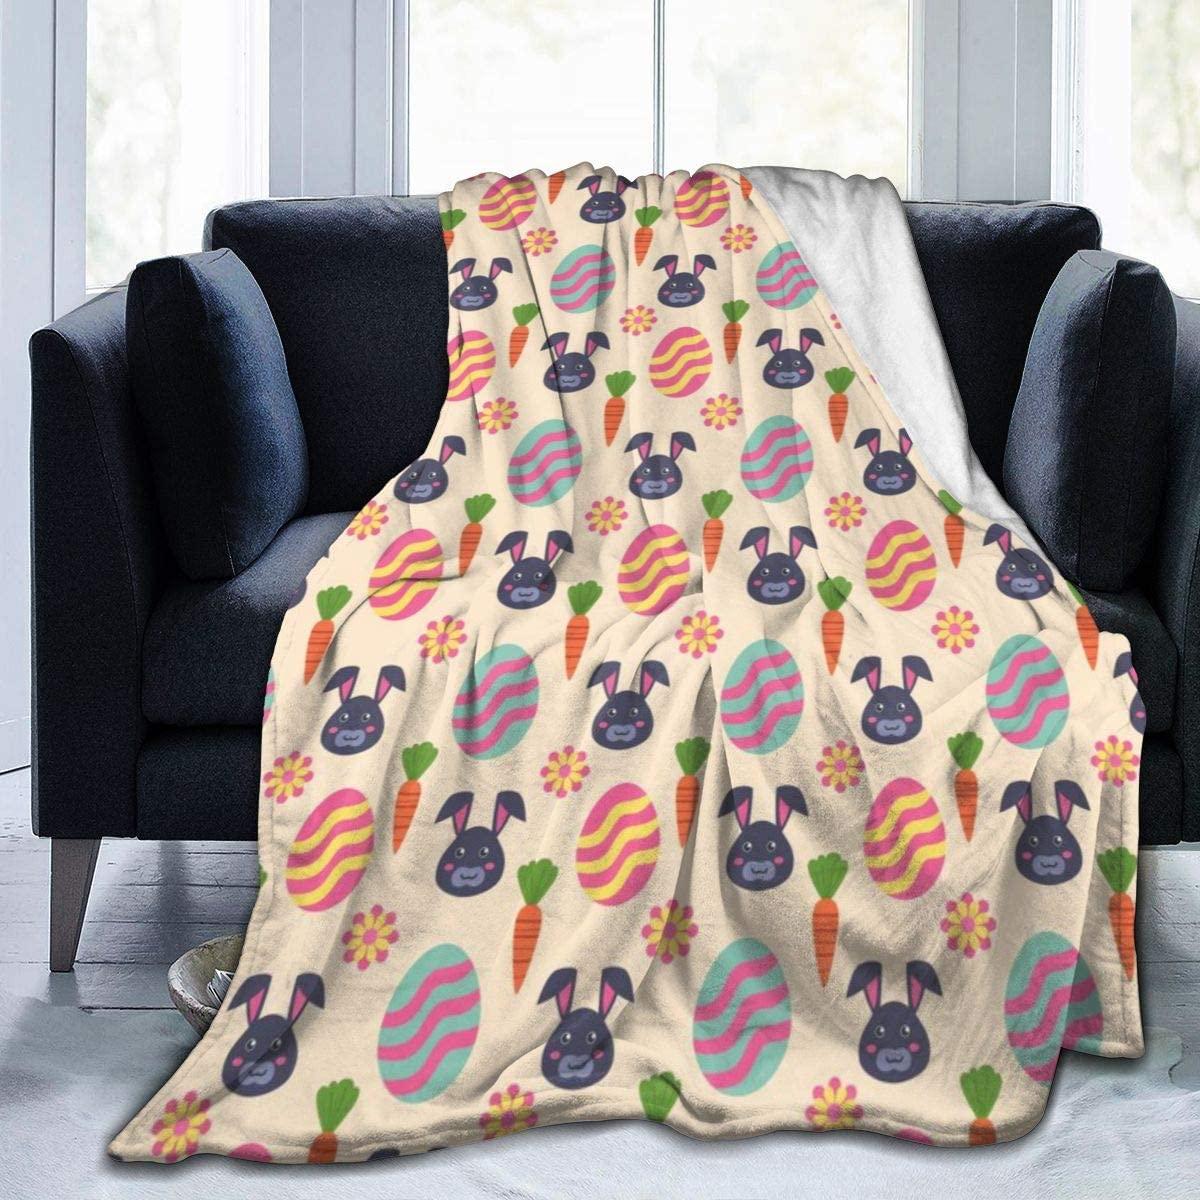 Easter Series-Black Rabbit Carrots and Eggs Throw Blanket for Kids Soft Fleece Blanket Children Bedroom Decor